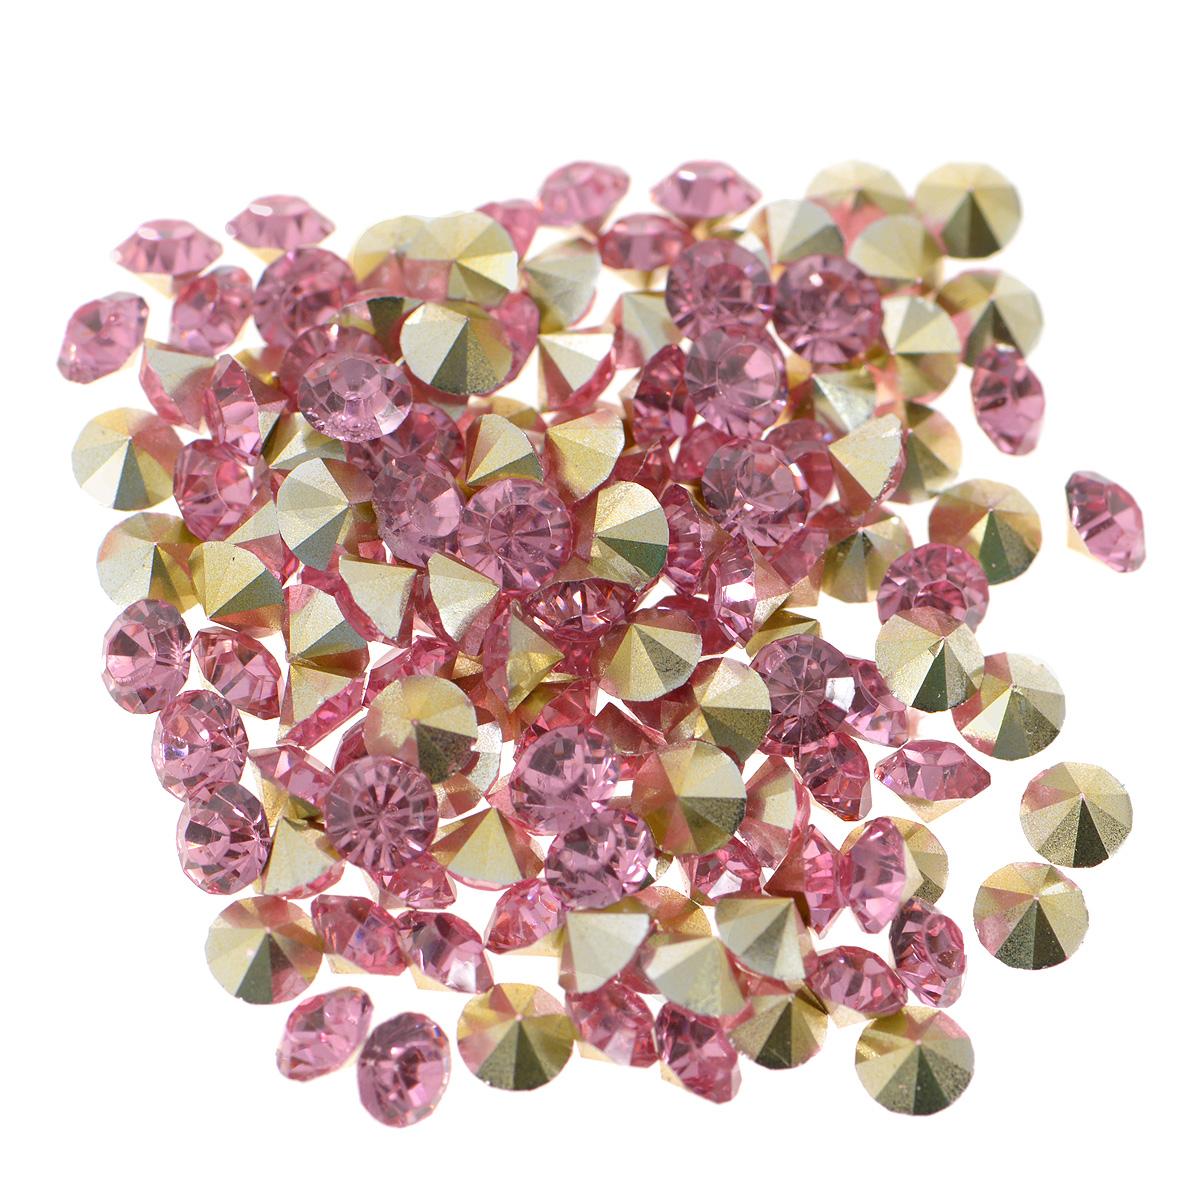 Стразы Cristal, цвет: розовый (23), диаметр 3 мм, 144 шт7711014_23 розовыйНабор страз Cristal, изготовленный из акрила, позволит вам украсить одежду, аксессуары или бижутерию. Яркие стразы имеют конусовидную форму и круглую поверхность с гранями. Украшение стразами поможет сделать любую вещь оригинальной и неповторимой. Изготовление украшений - занимательное хобби и реализация творческих способностей рукодельницы, это возможность создания неповторимого индивидуального подарка. Размер страз: SS16.